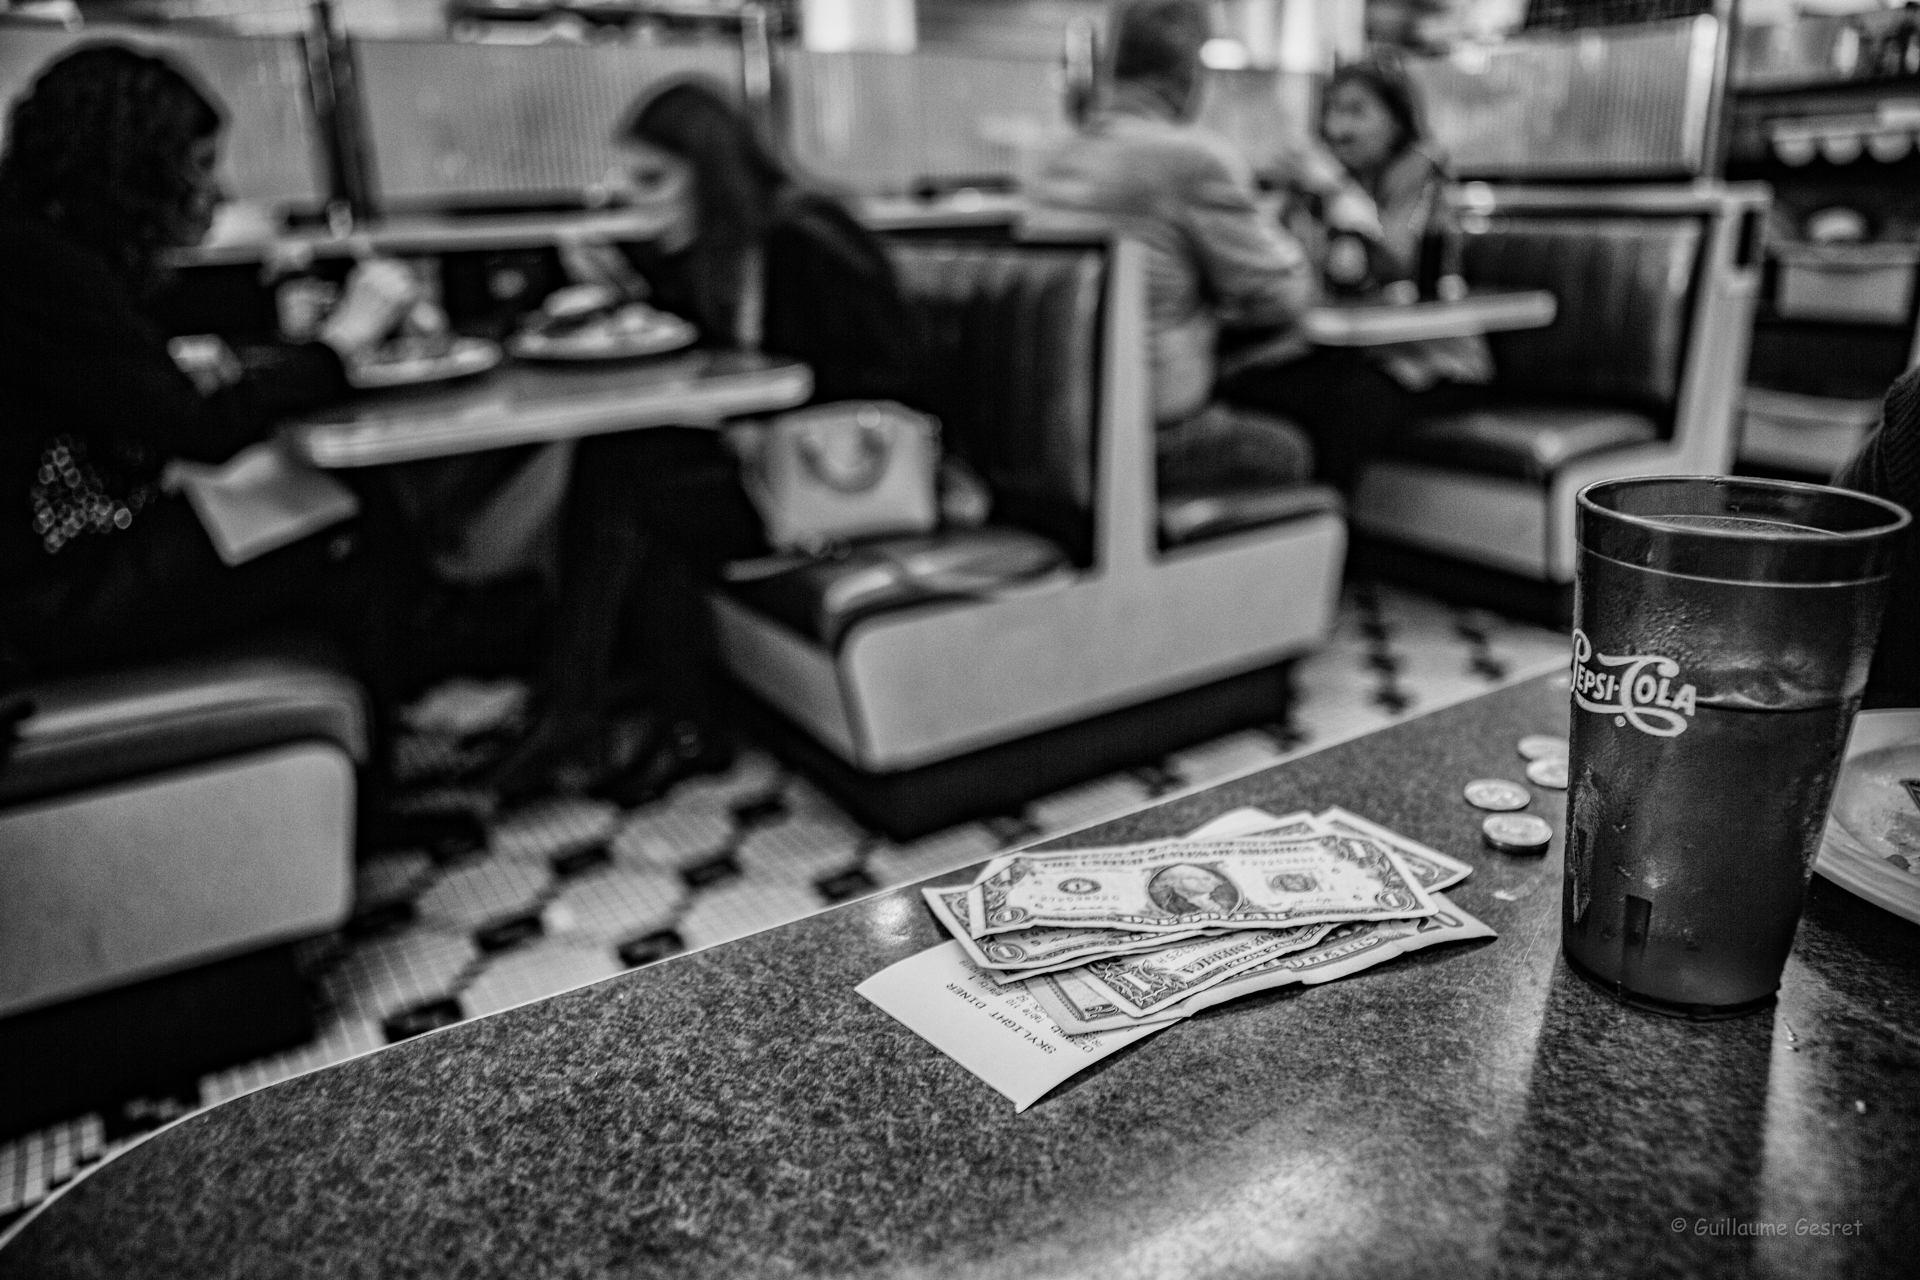 Le restaurant américain